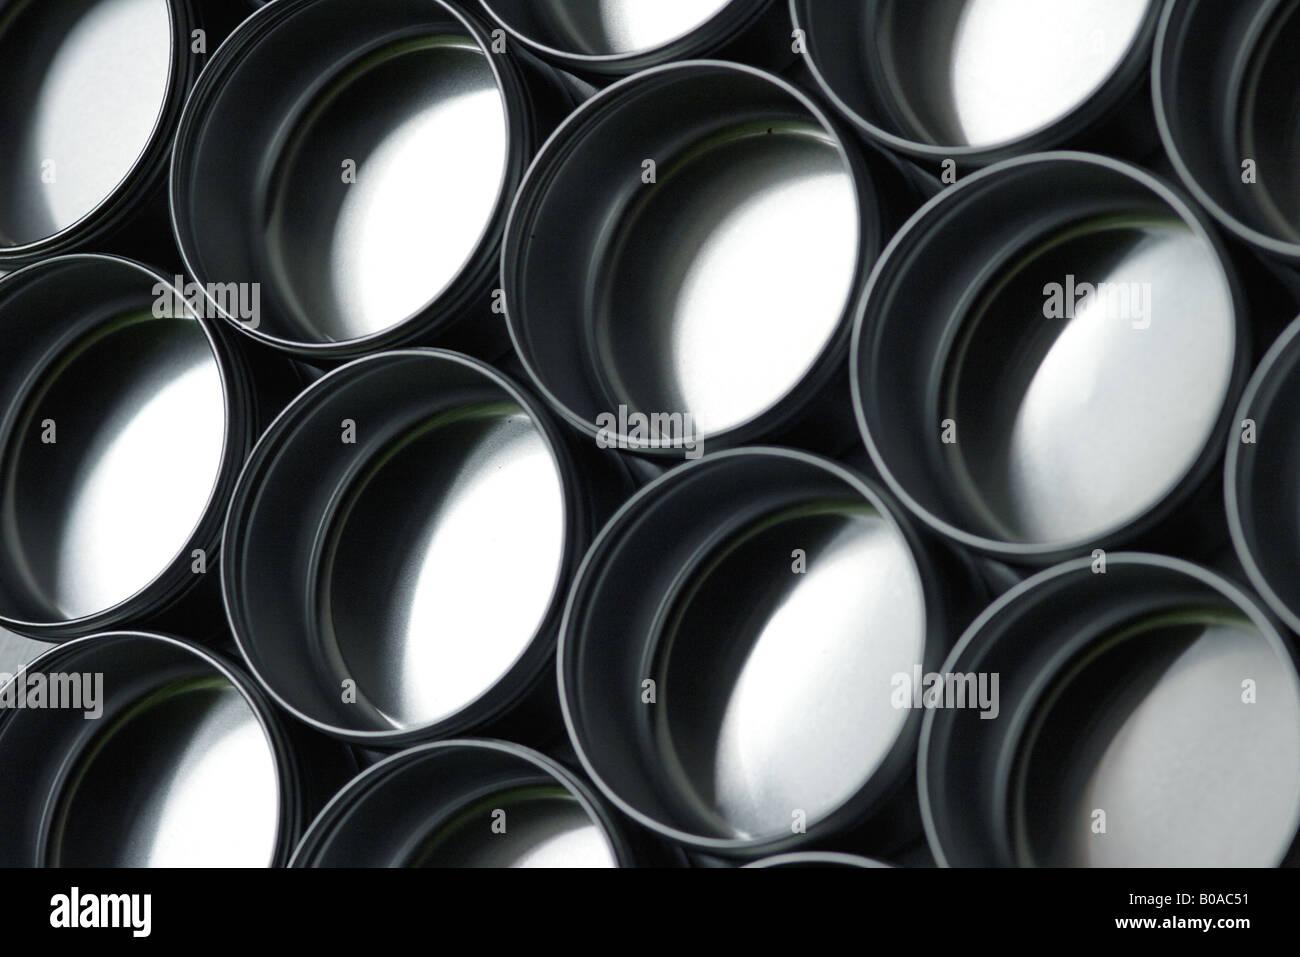 Los contenedores metálicos, close-up Imagen De Stock